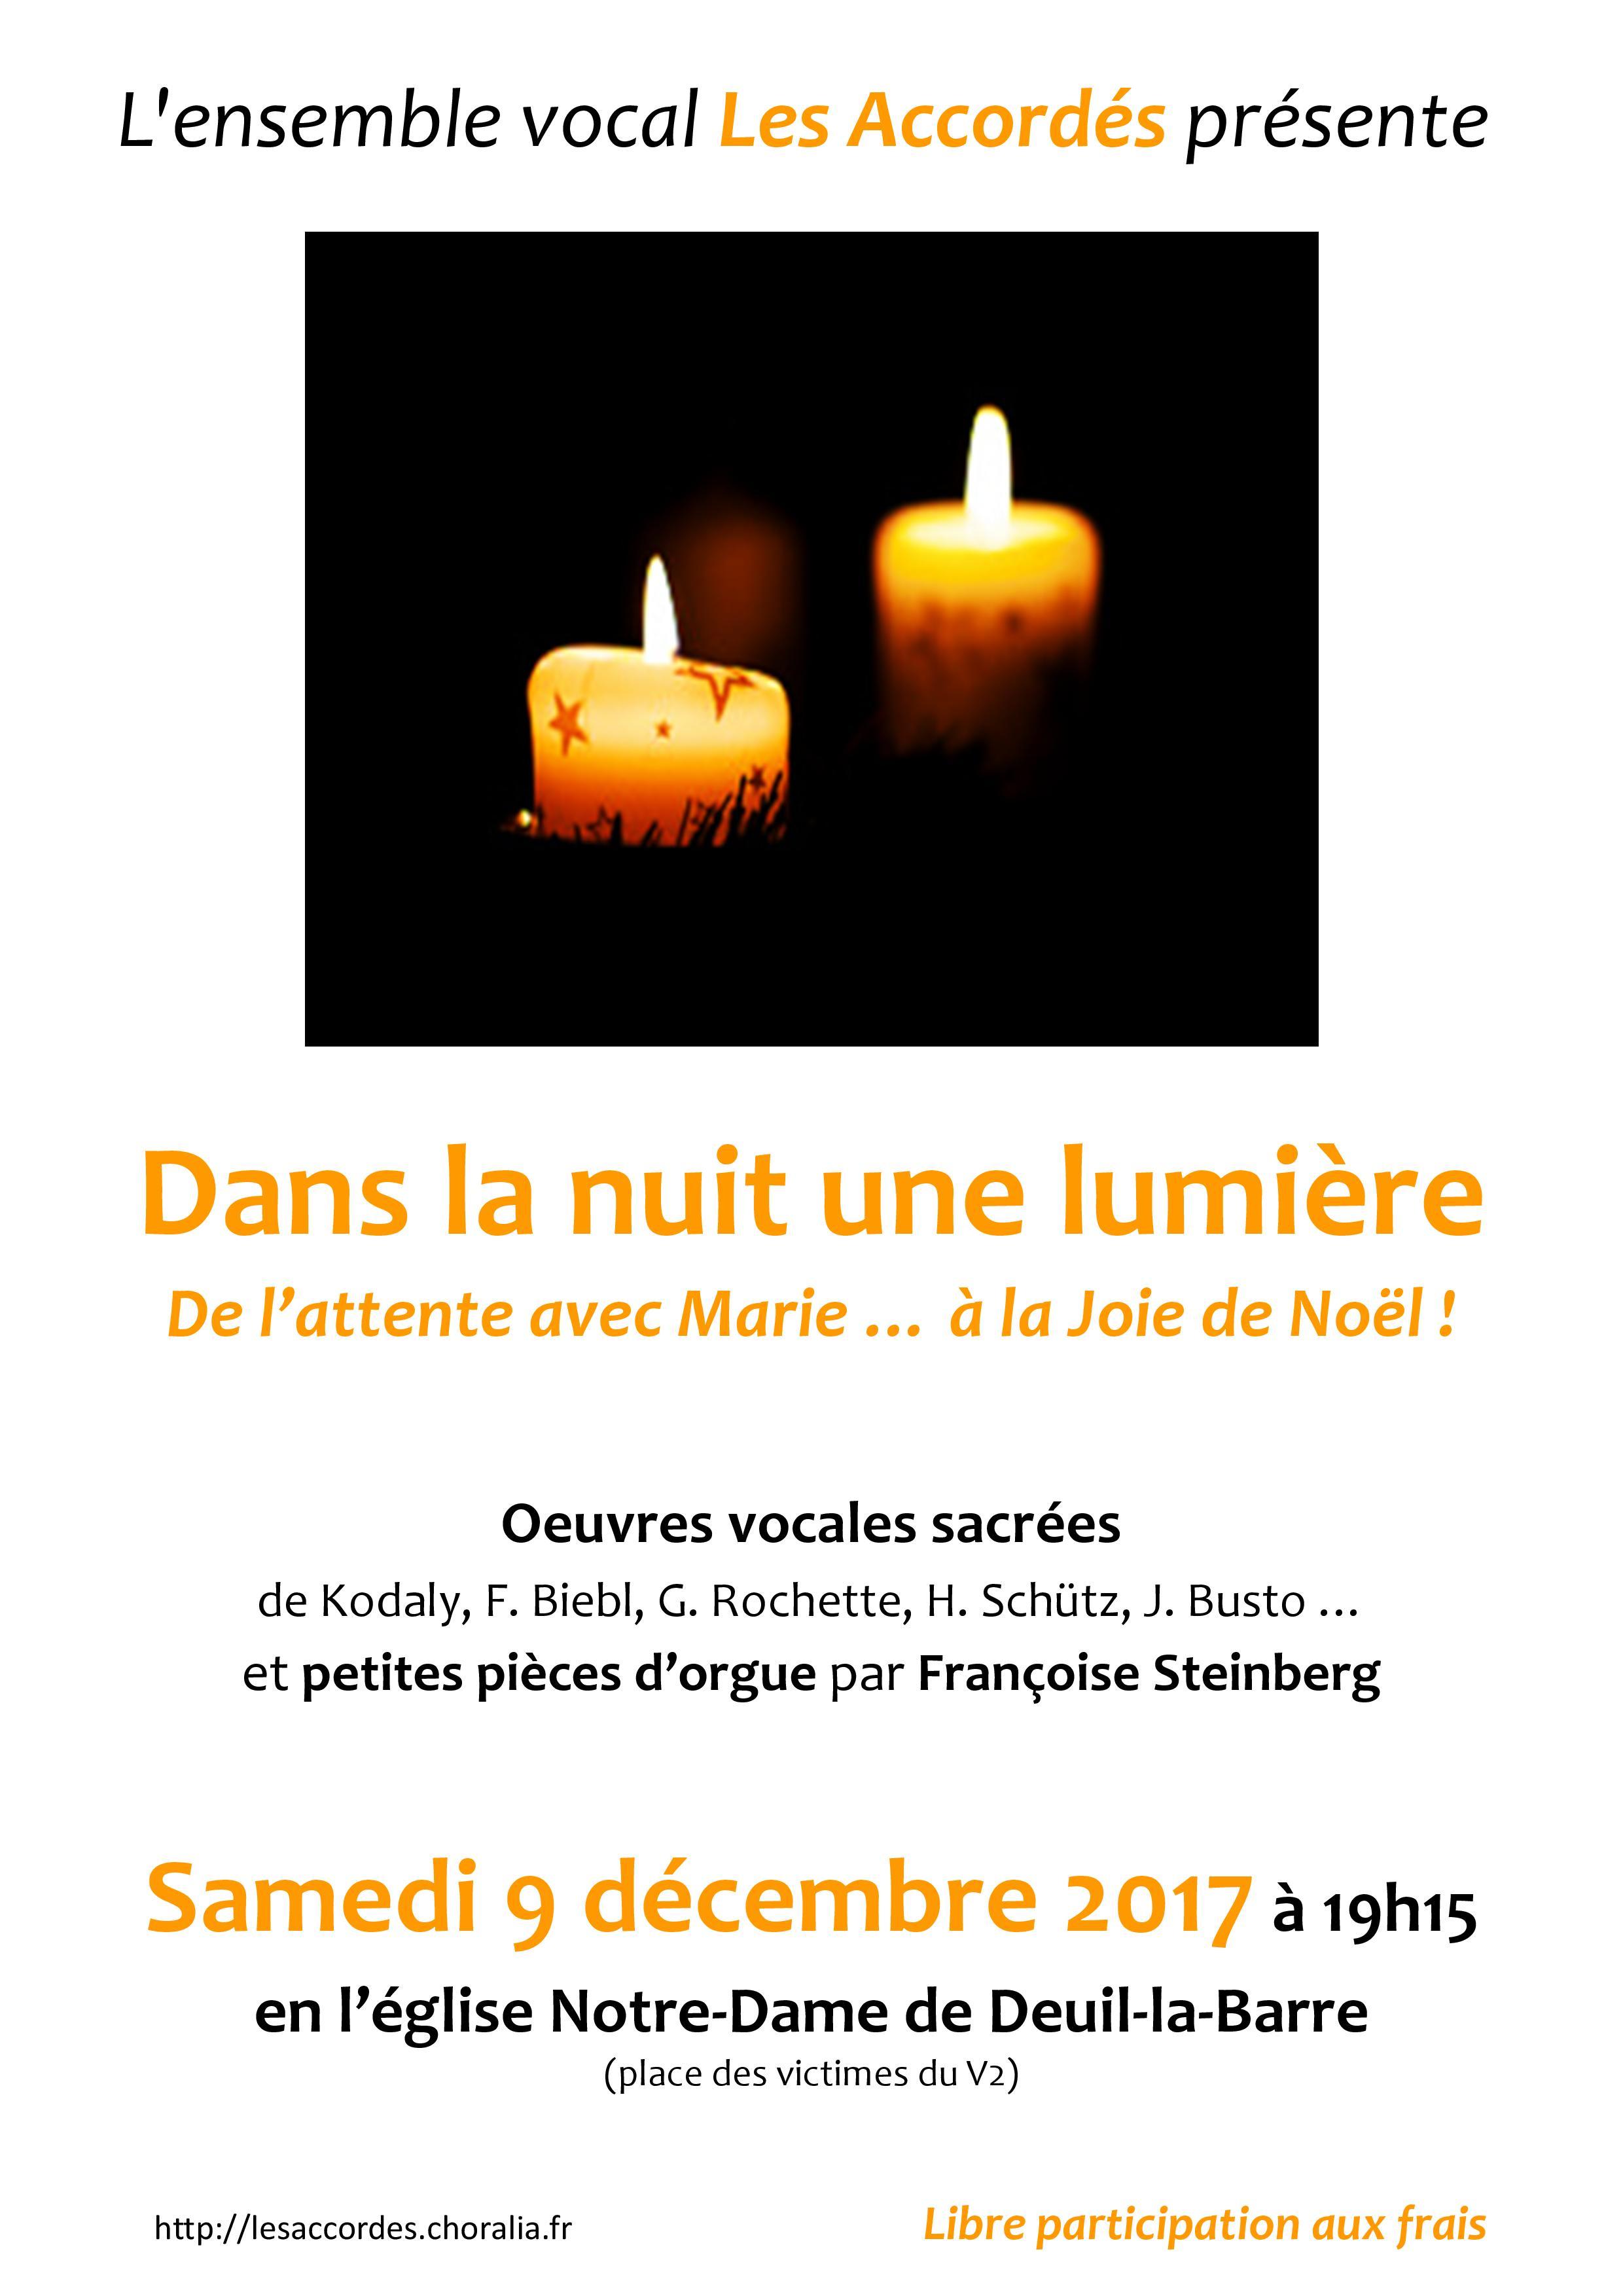 Concert de l'Avent - Deuil-la-Barre